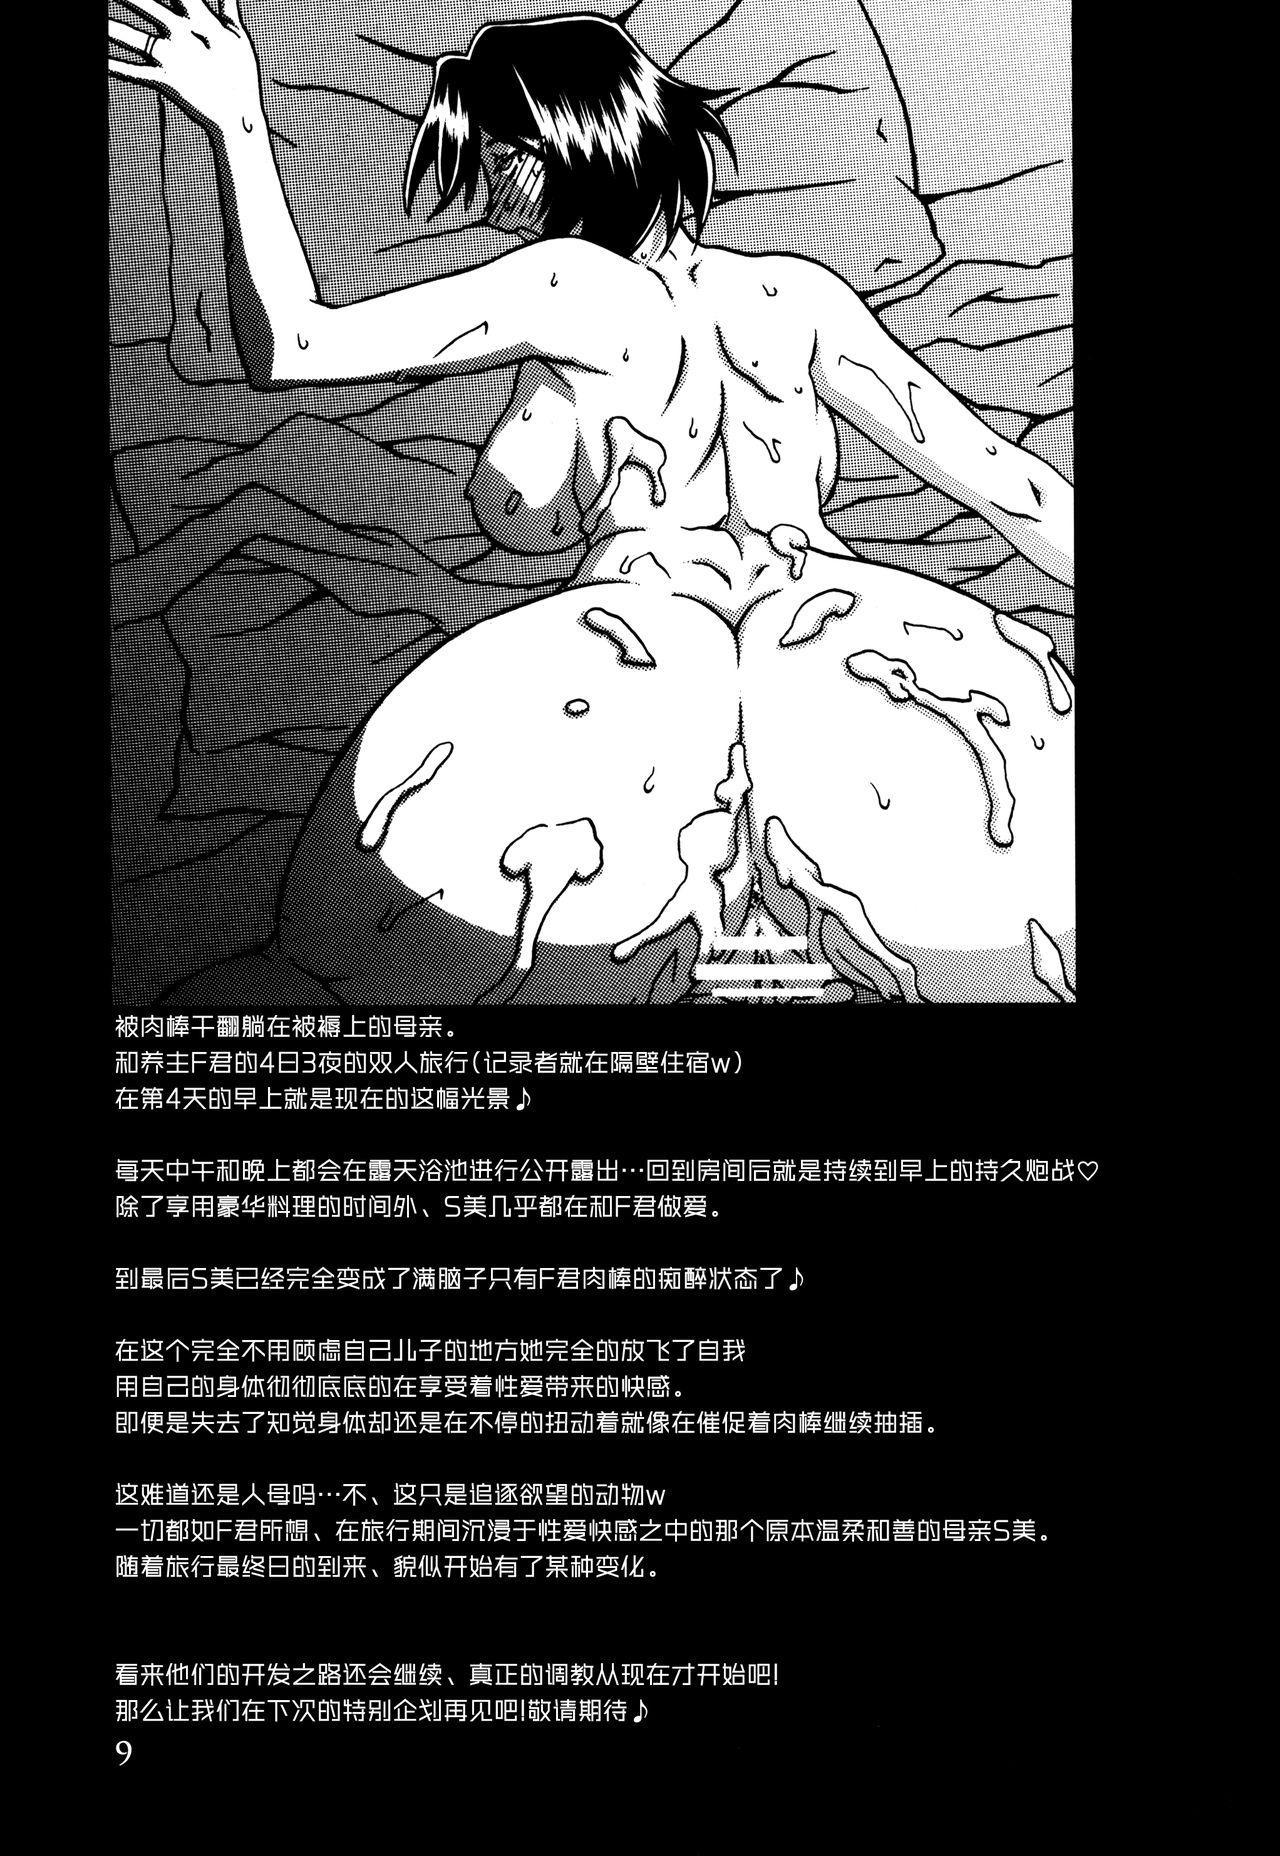 Gekkan Jukujo Tengoku 2017 Shinnen Tokudai-gou 8